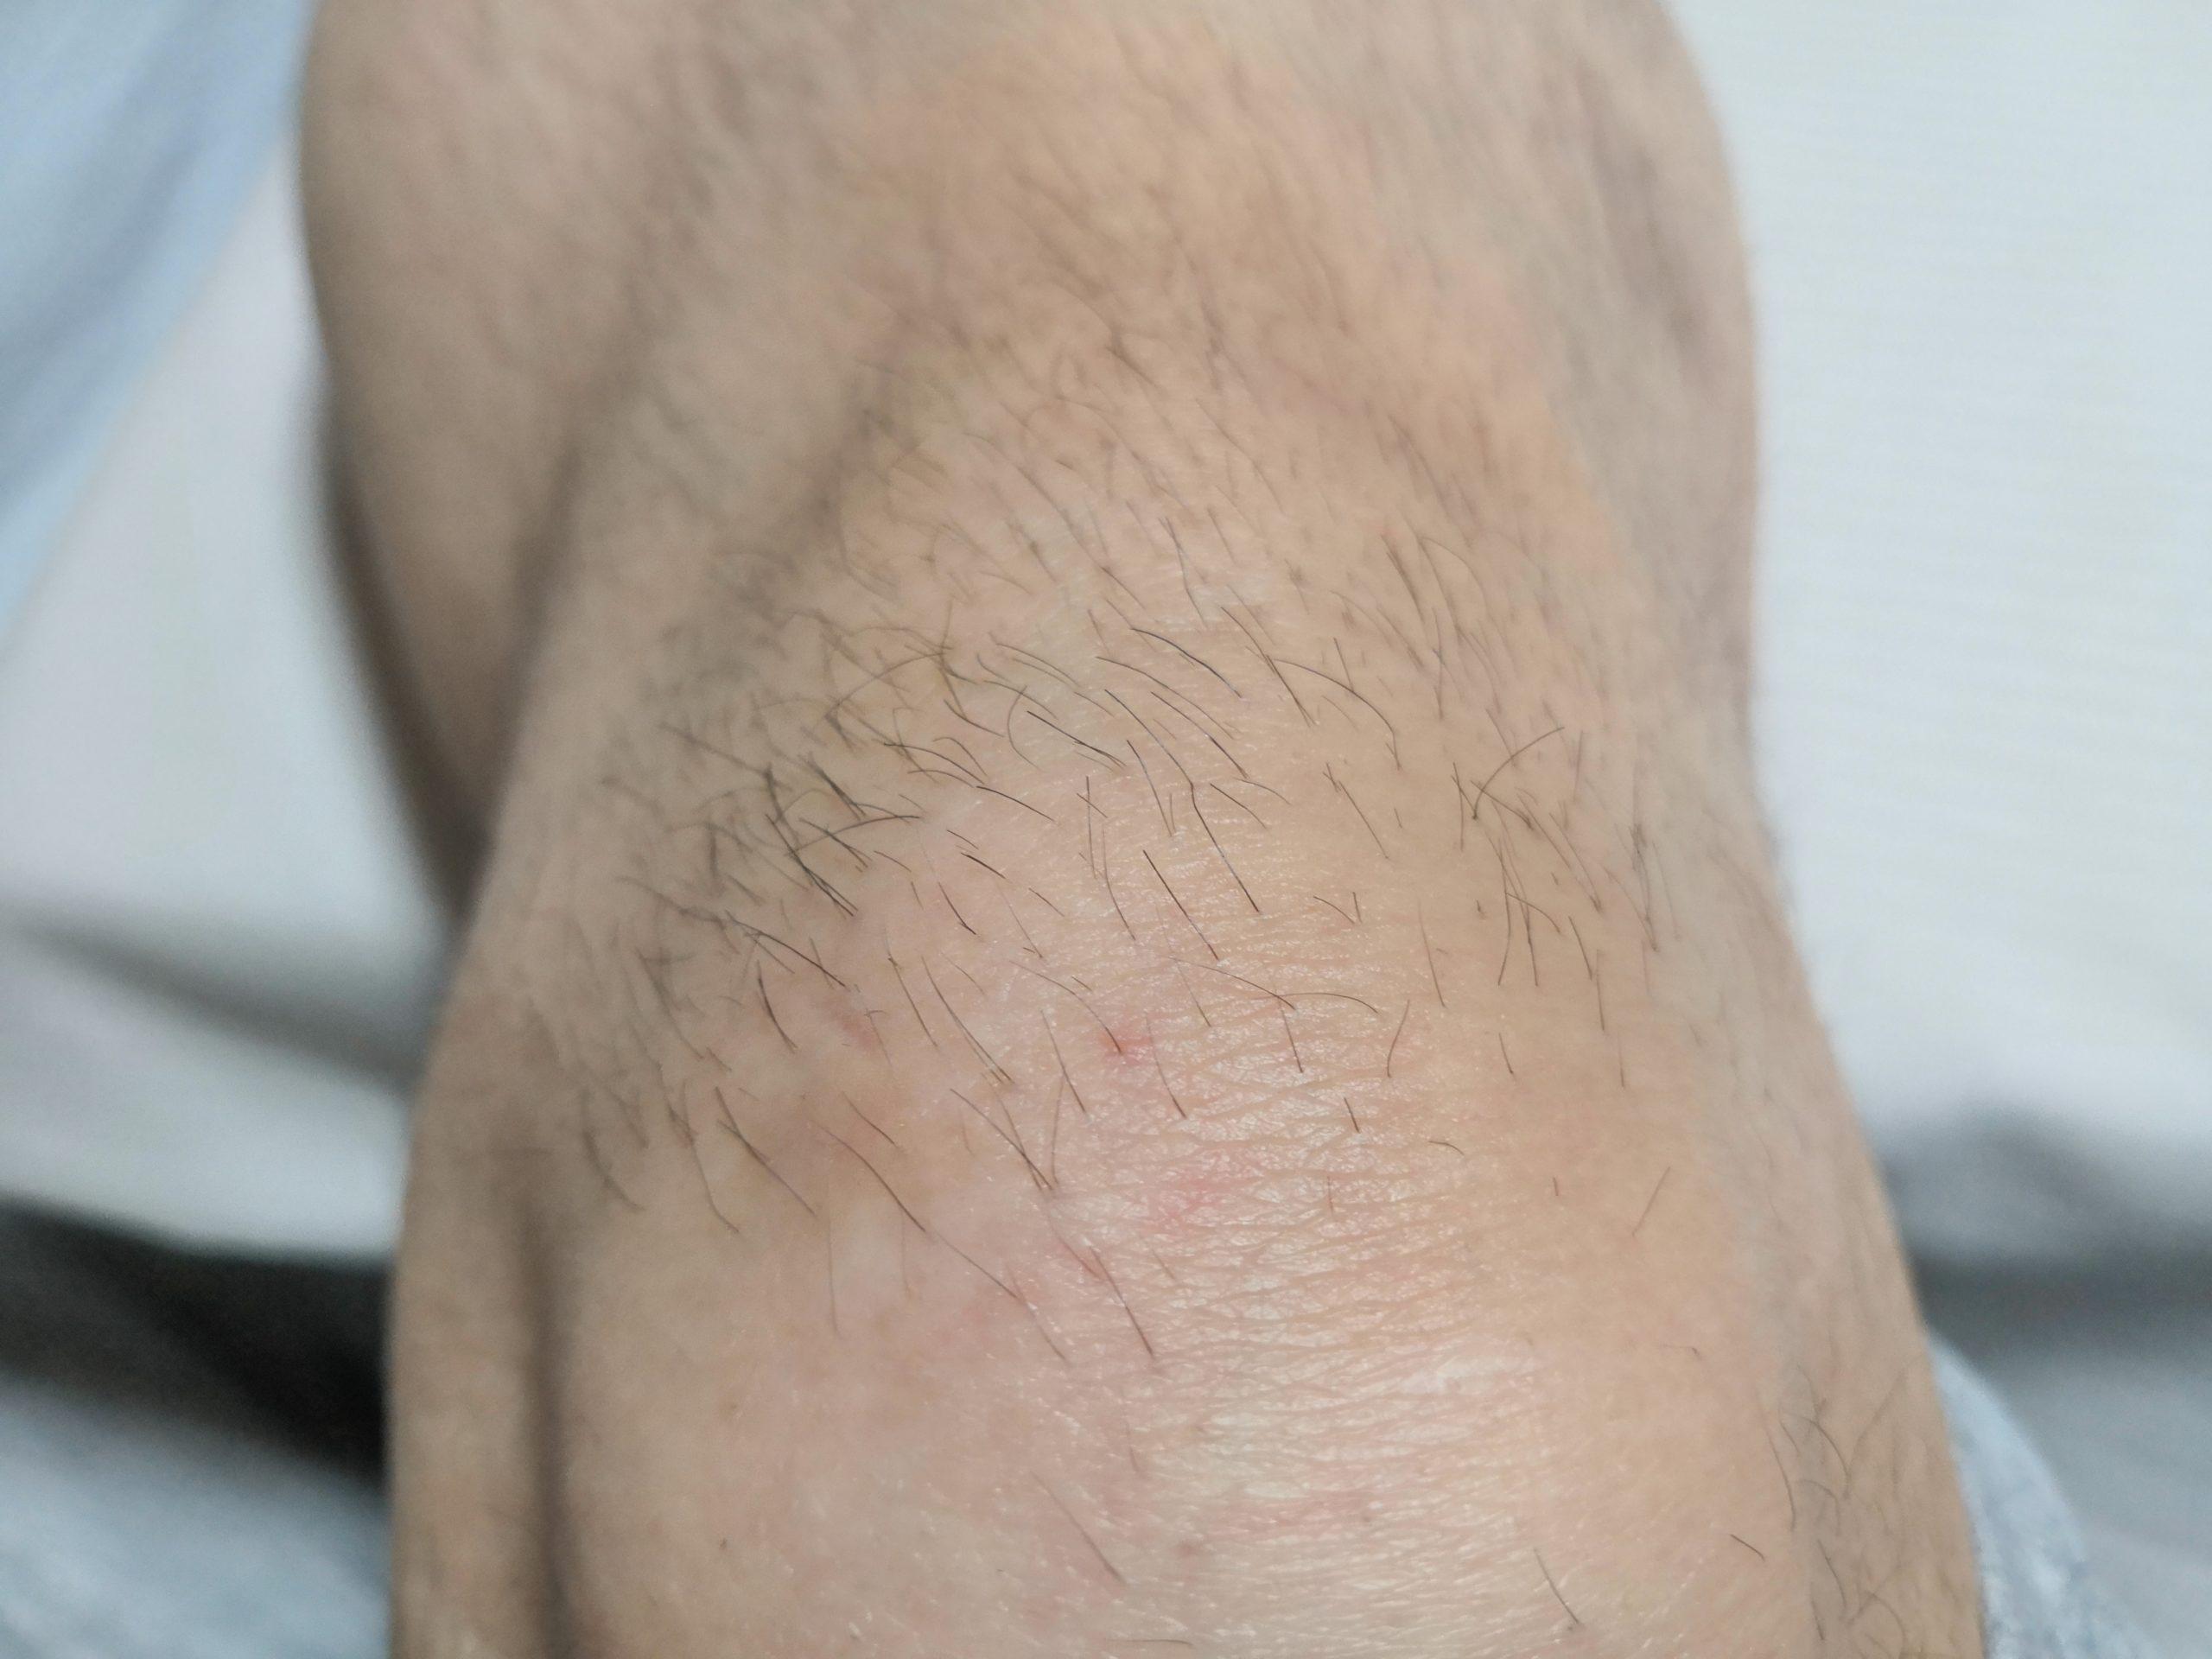 ちゅらりもを使い続けて膝の毛が薄くなってきた男性の膝